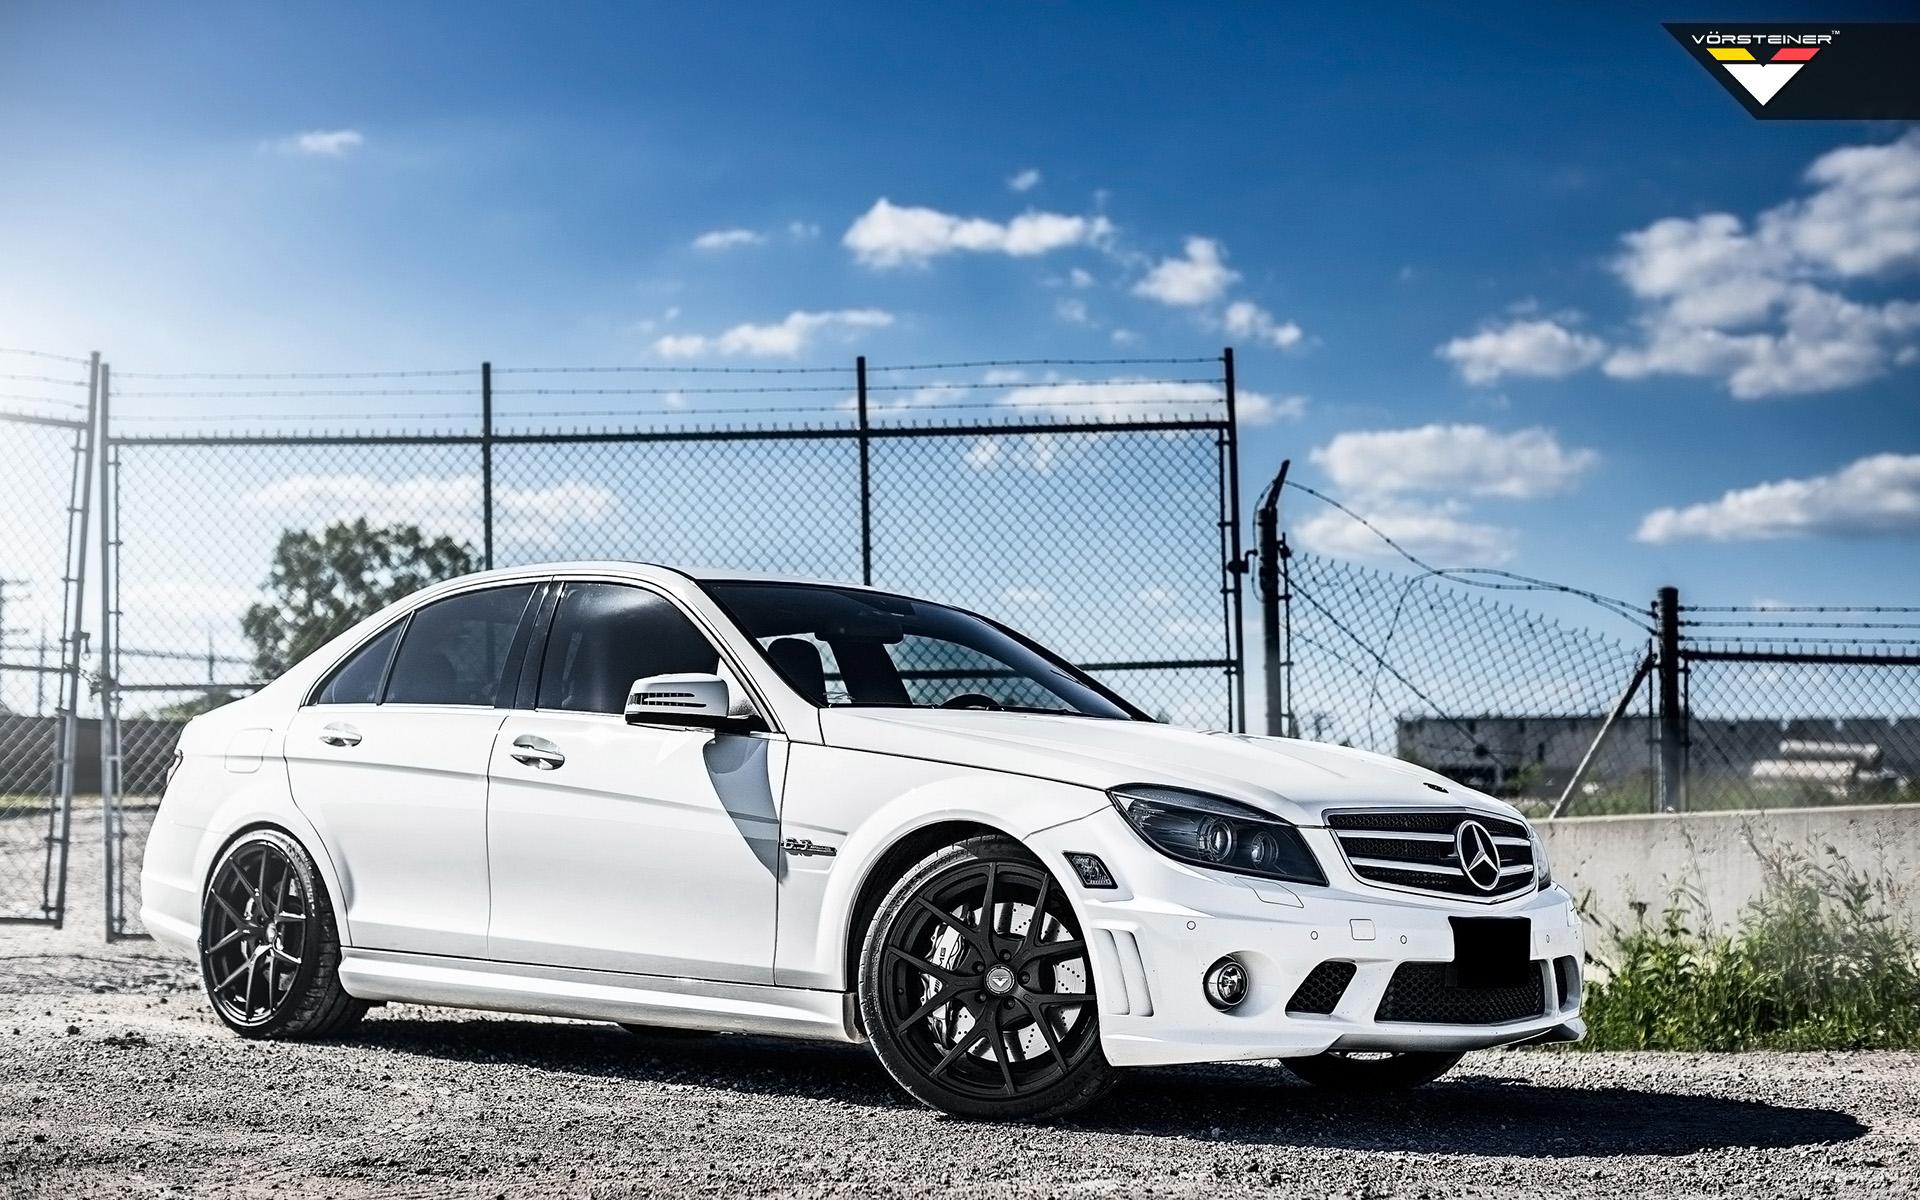 White Audi Car Wallpaper 2014 Vorsteiner Mercedes Benz C63 Amg Wallpaper Hd Car